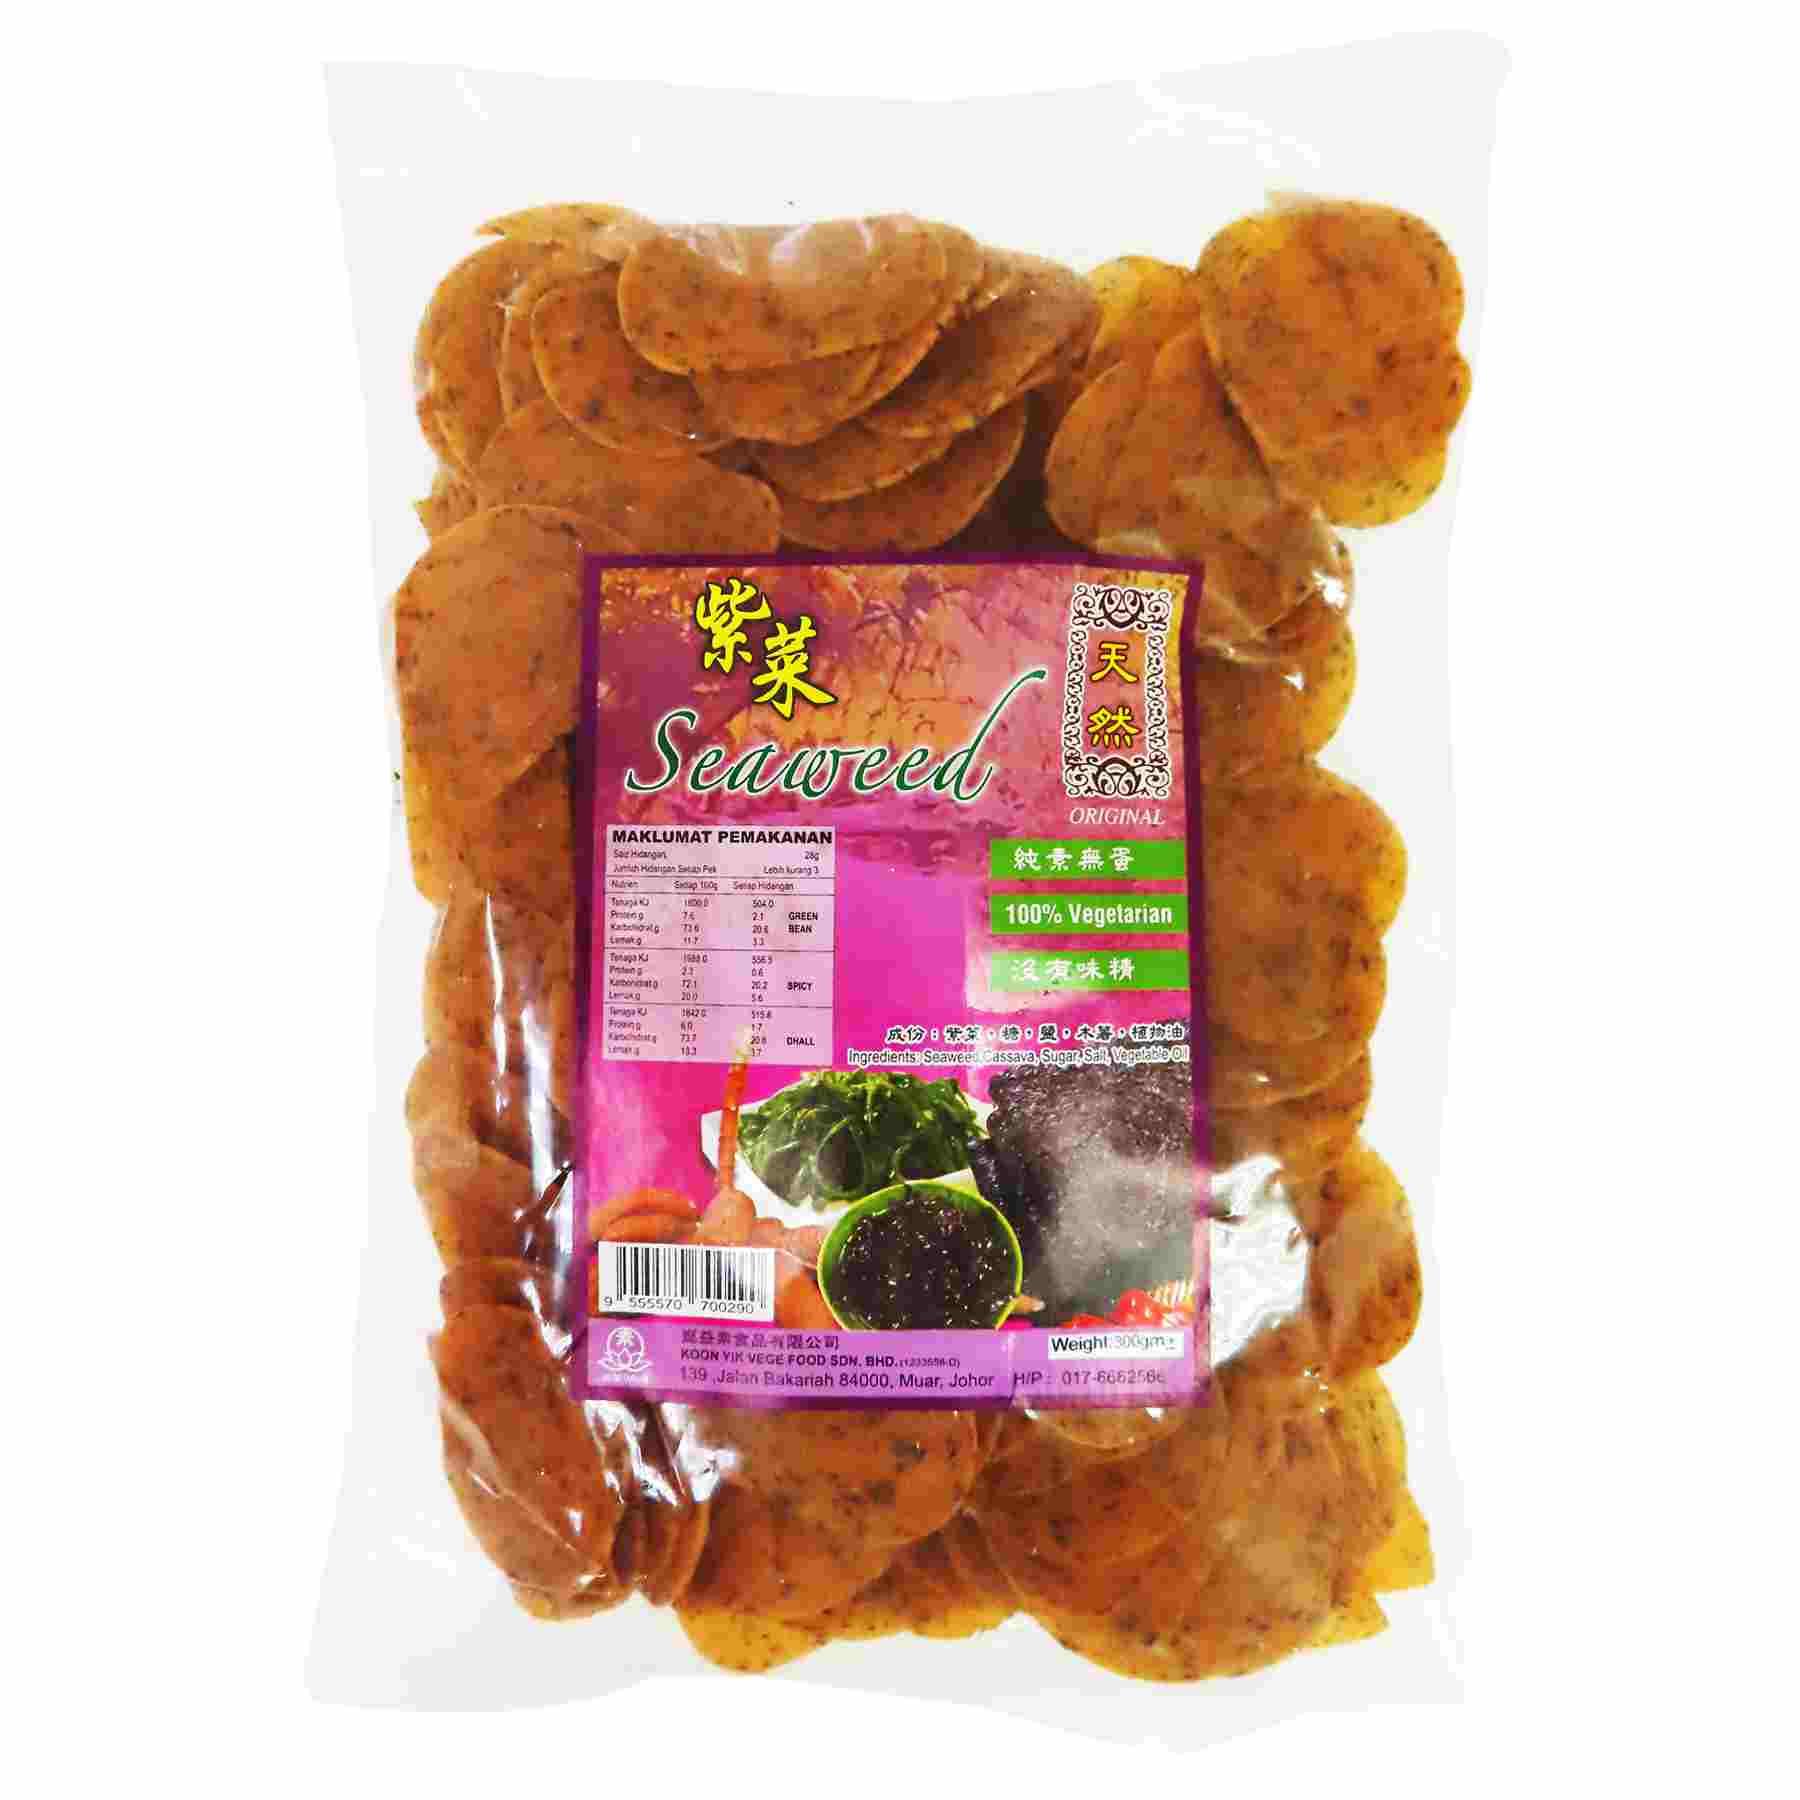 Image KY Original Seaweed Crackers 昆益 - 天然紫菜生片 300grams